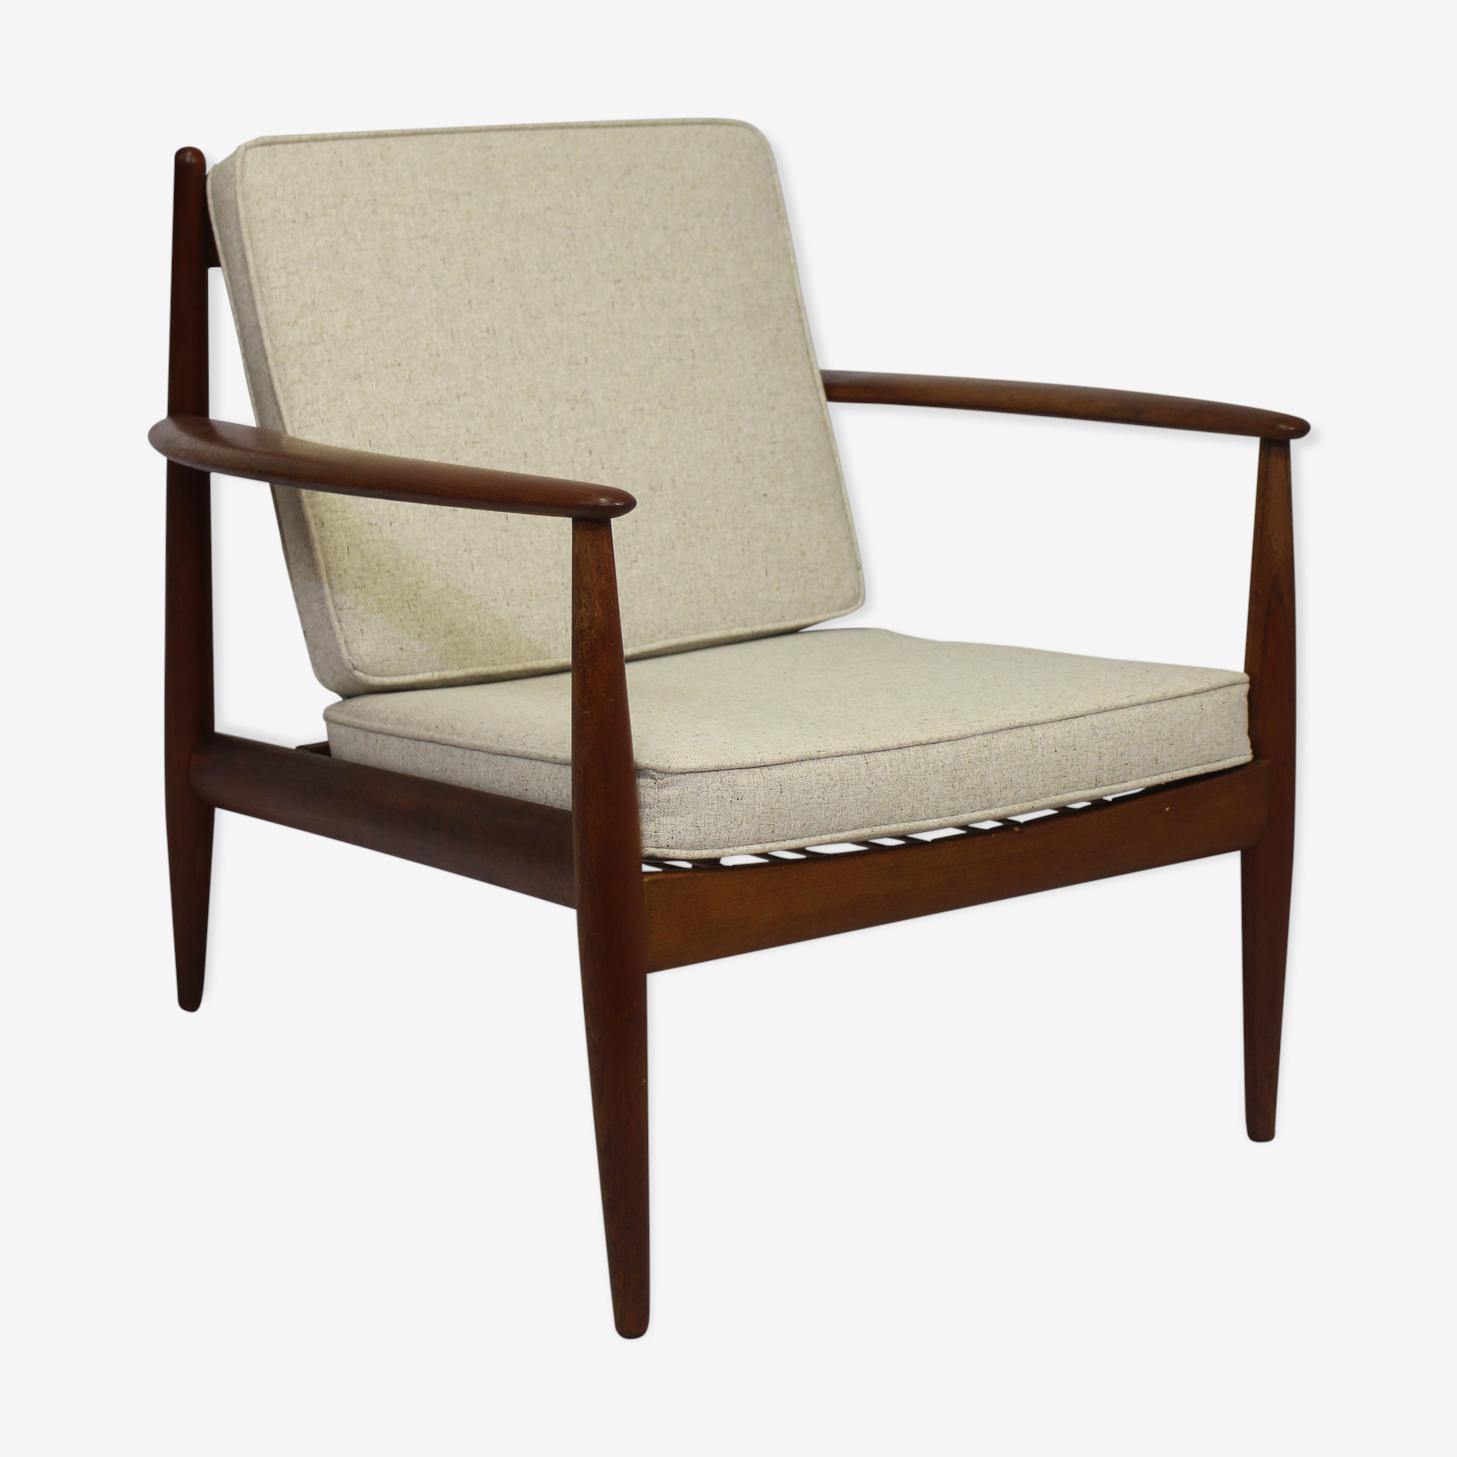 Scandinavian armchair Grete Jalk 1960